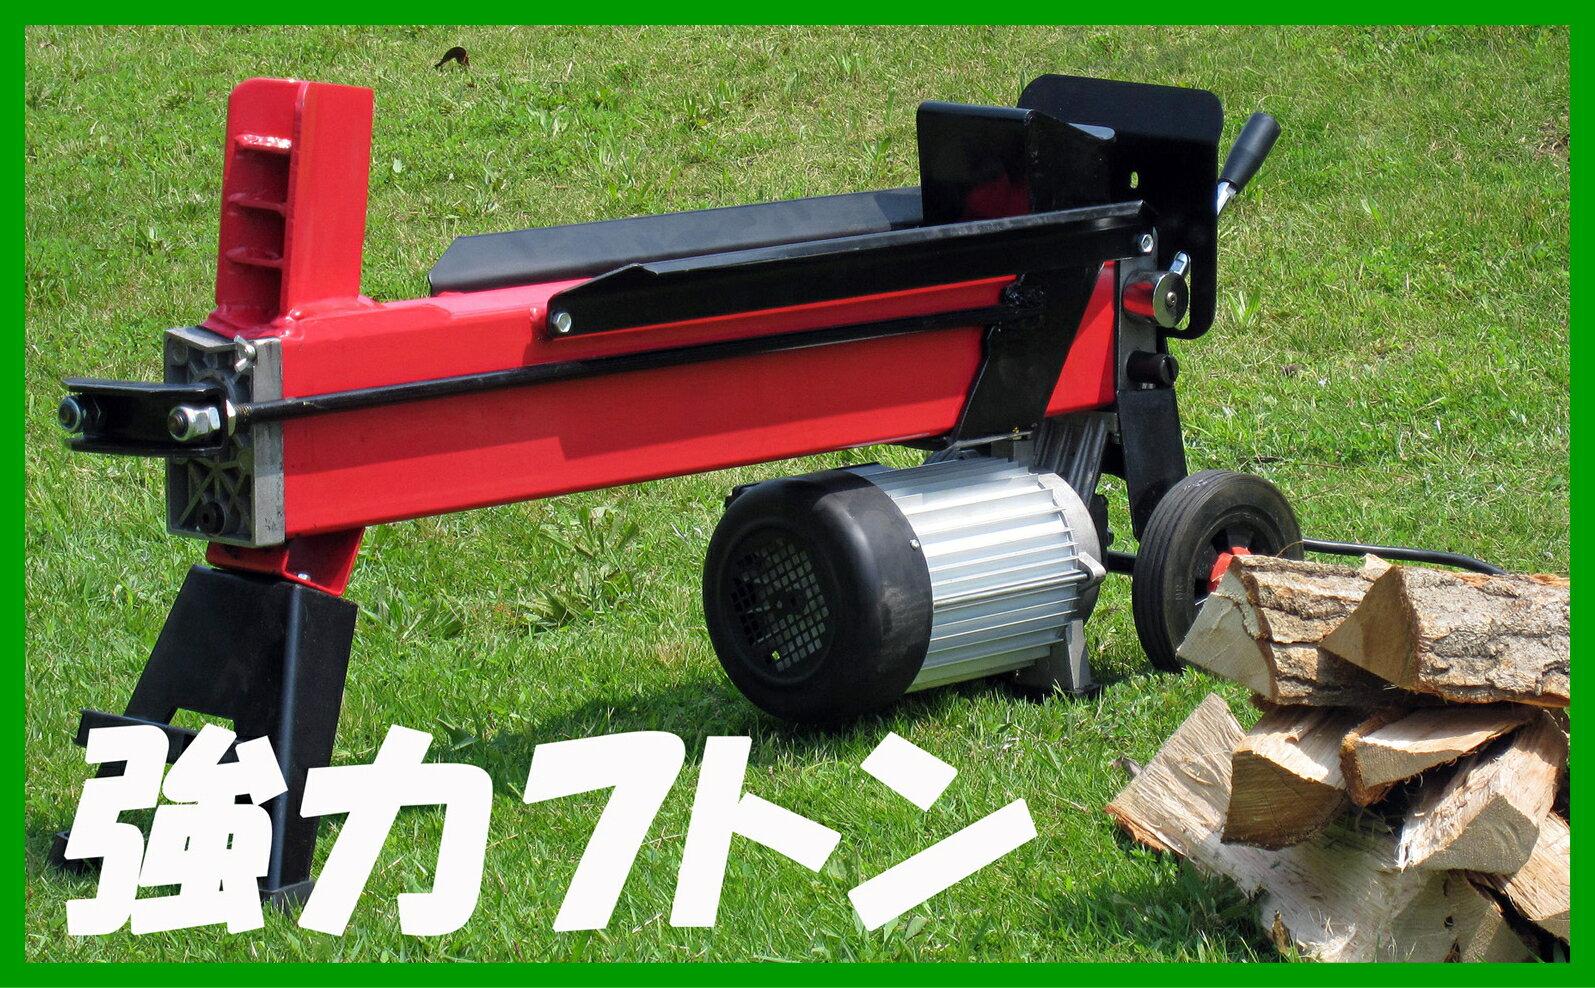 太い薪割りに最適!電動油圧式薪割り機 LS-7t【送料無料・保障付】只今、シーズンセール中!!